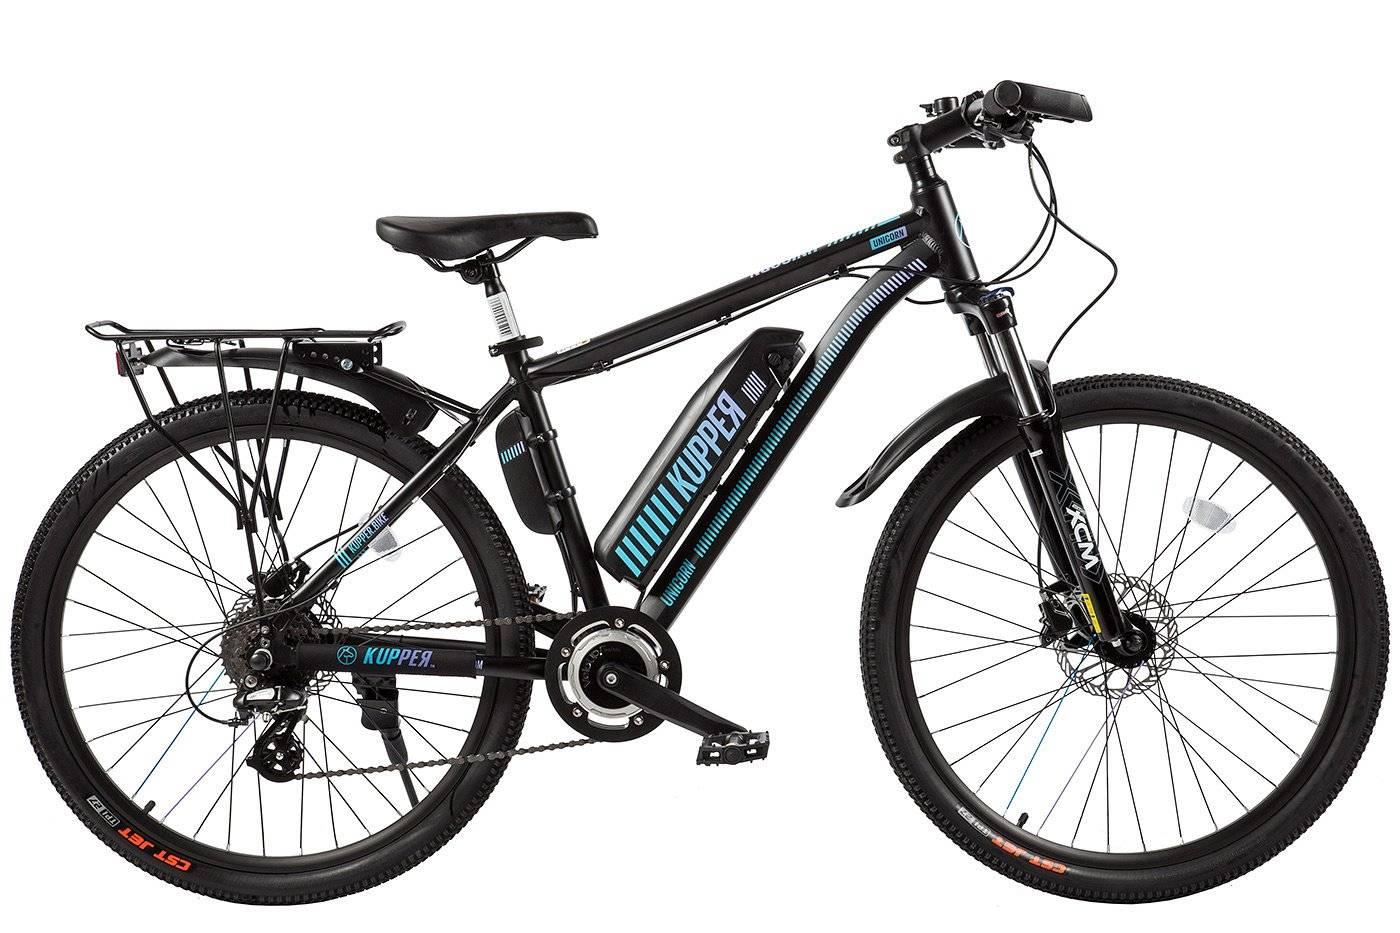 Велогибрид Kupper Unicorn Pro 250W, 010837-0201, фото 1